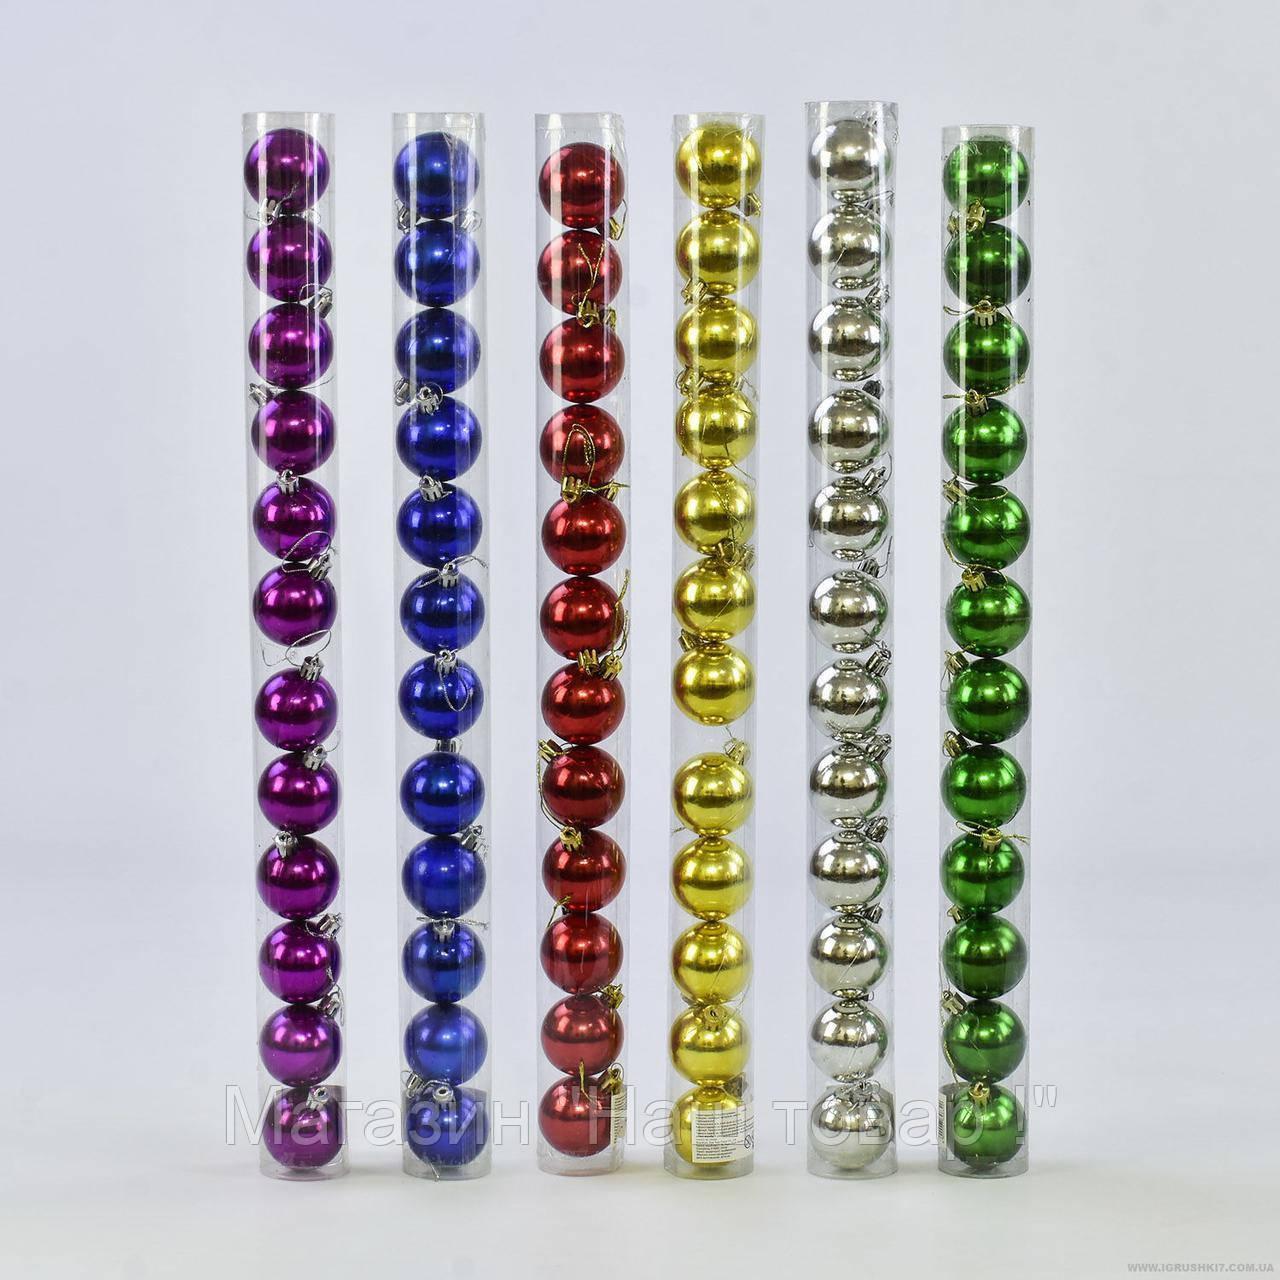 SALE!Ёлочная игрушка С 30832 Шарики (96) 12шт в наборе, 6 цветов, d=5см